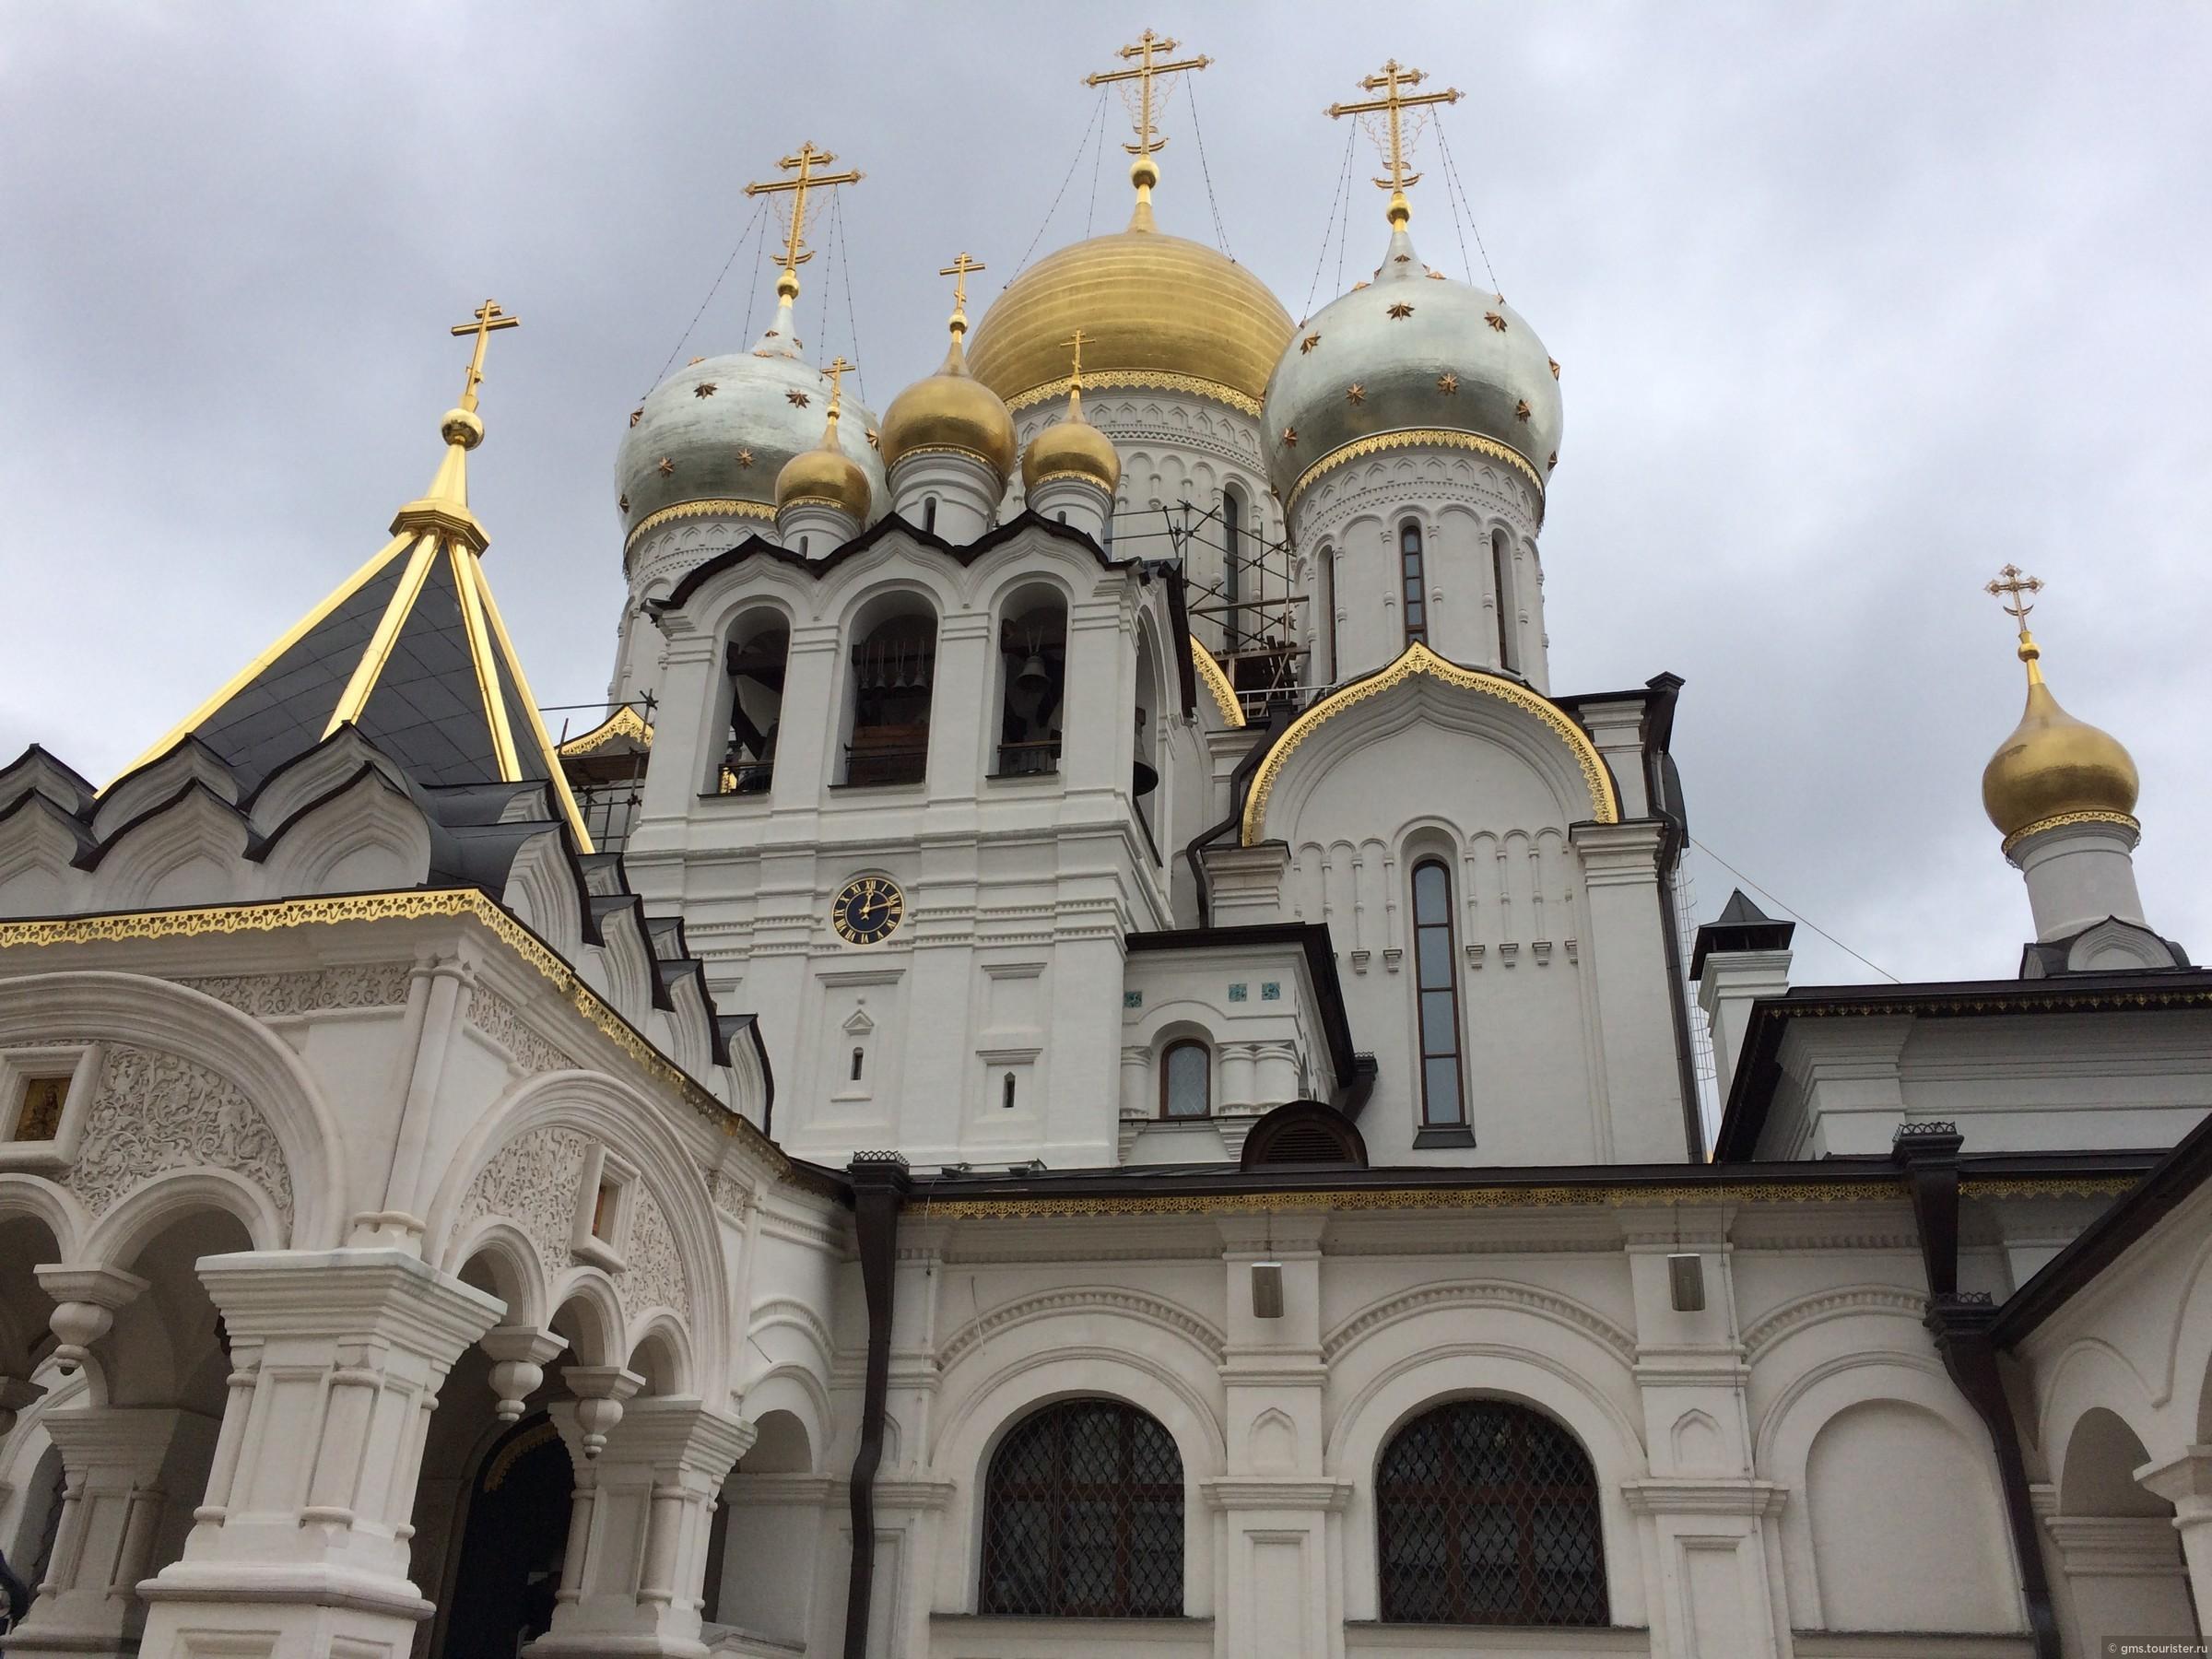 поделиться где находится зачатьевский монастырь в москве фото молодого бизнесмена